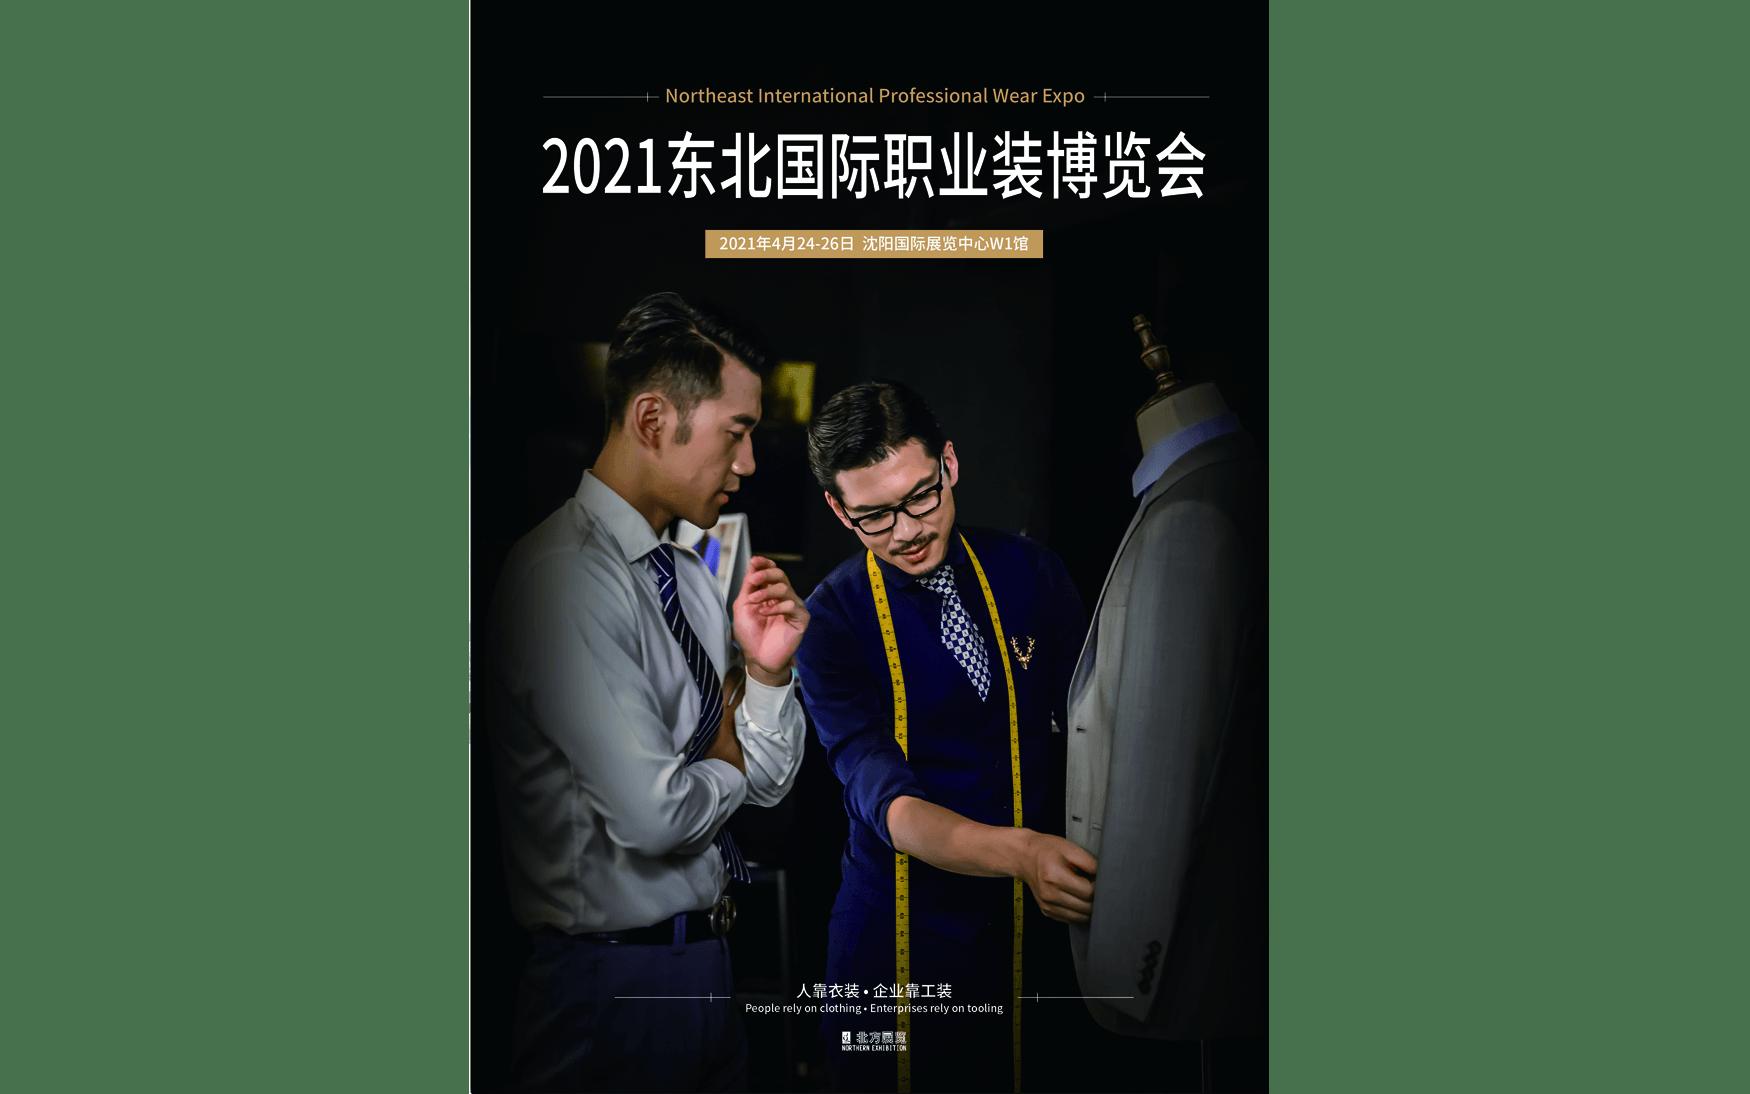 2021东北国际职业装博览会